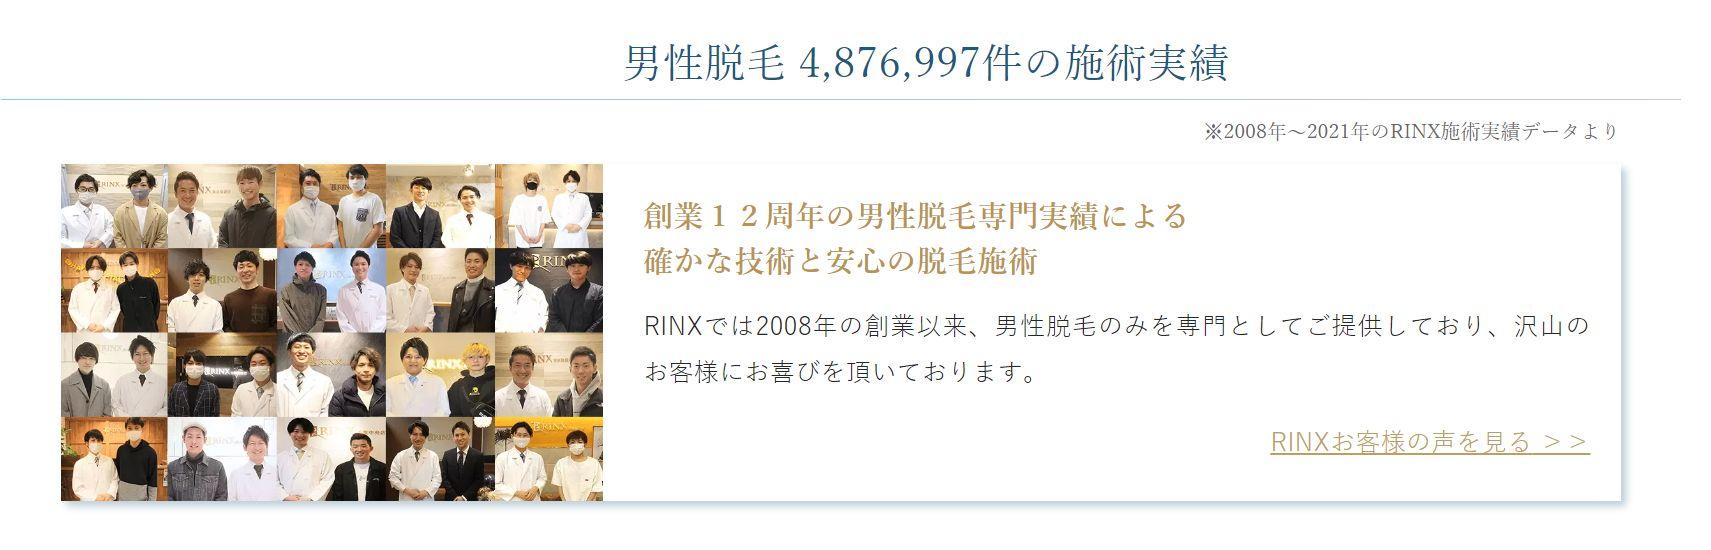 rinx6.jpg